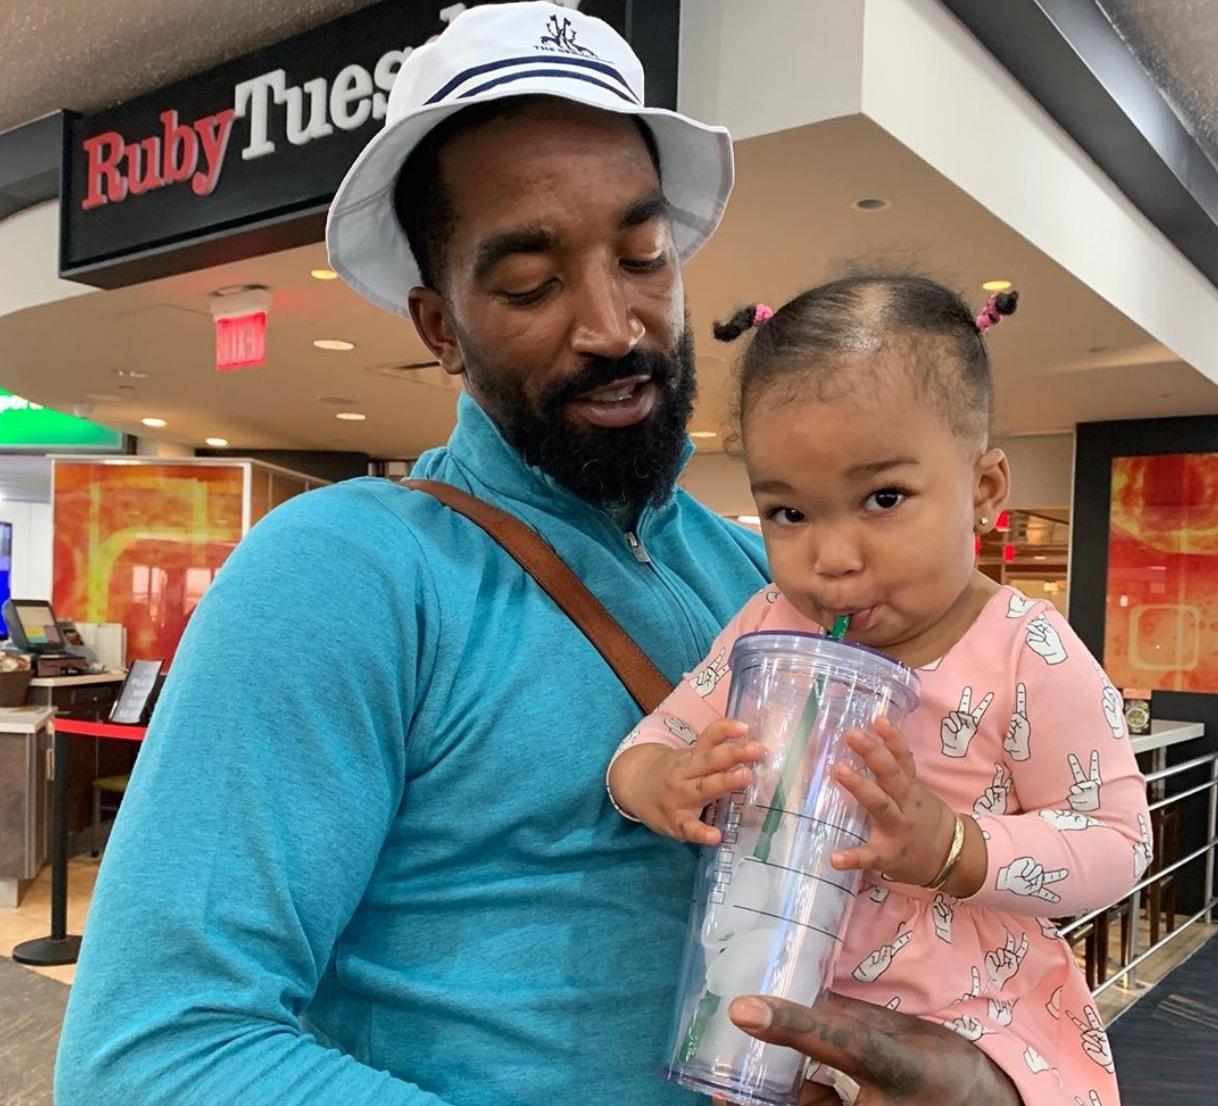 超级奶爸!JR-史密斯更新社媒晒出自己怀抱女儿的照片